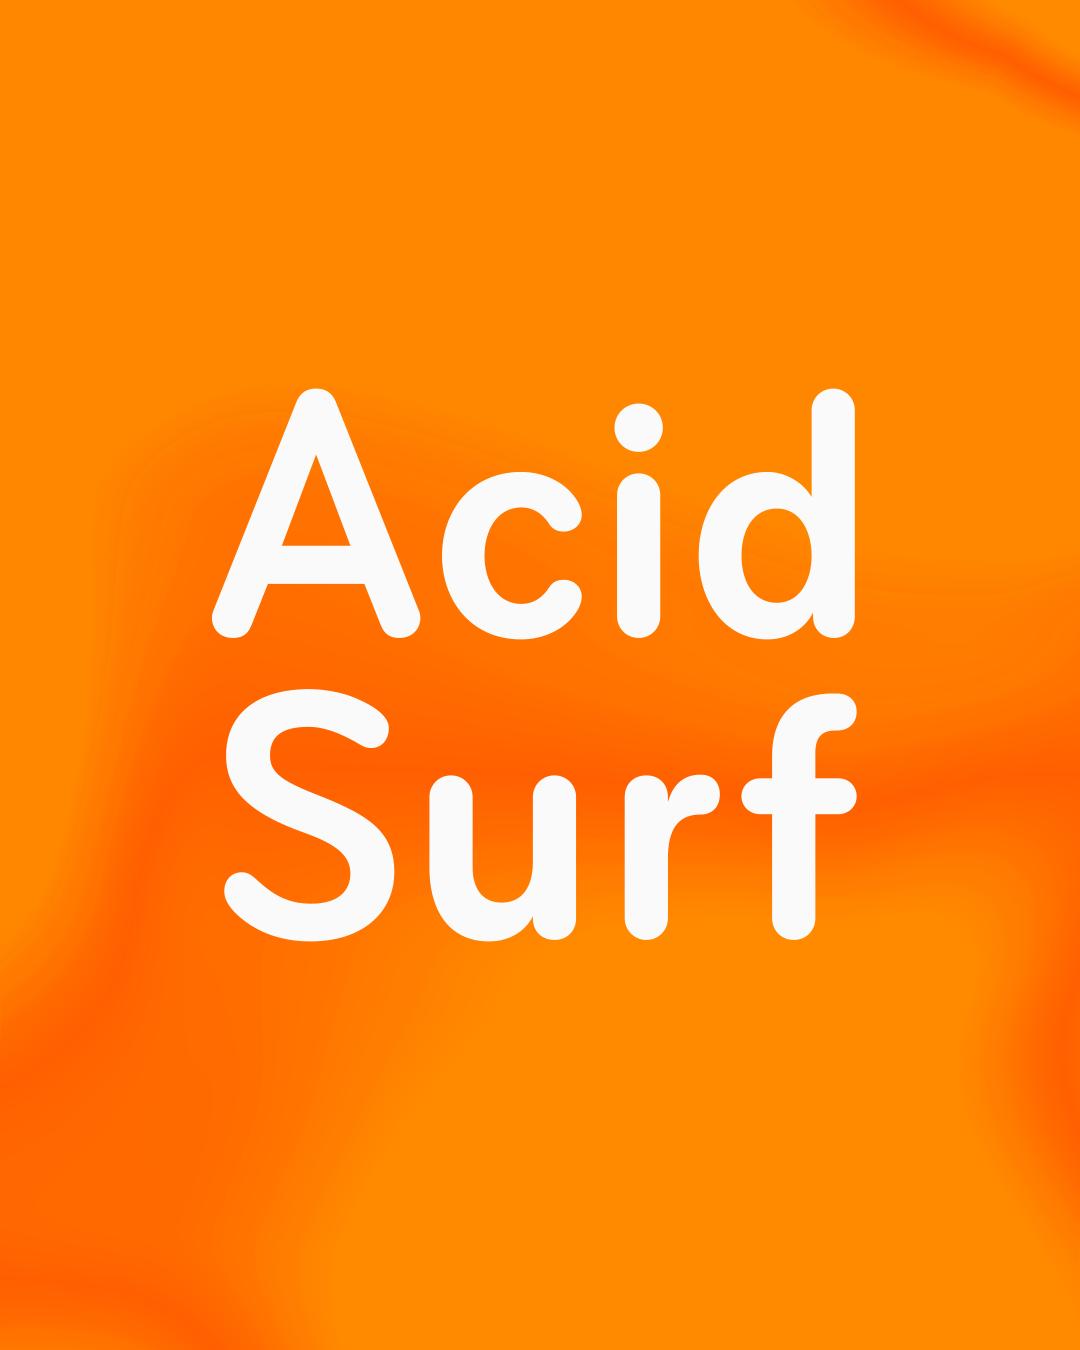 Acid Surf